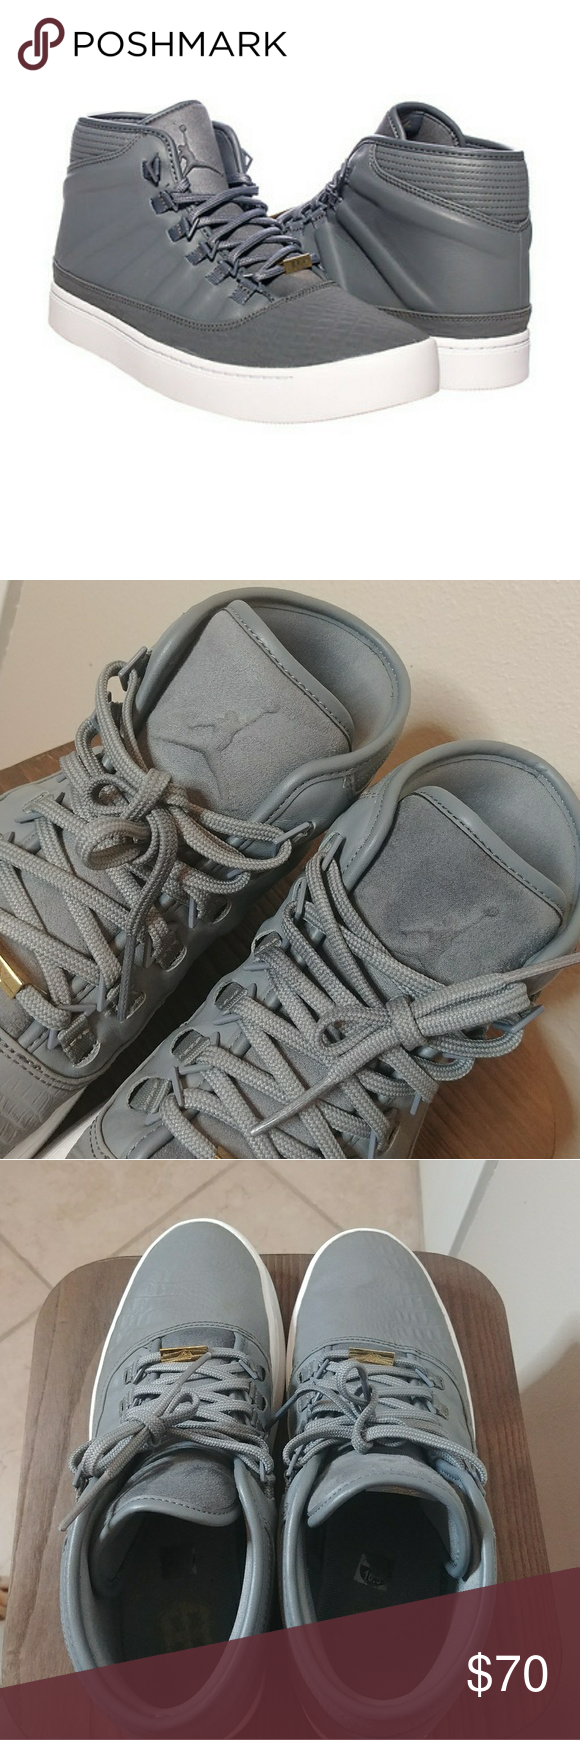 ff20b8b9791b20 Air Jordan Nike Westbrook XI 0 10.5 768934-002 Size 10.5 Preowned